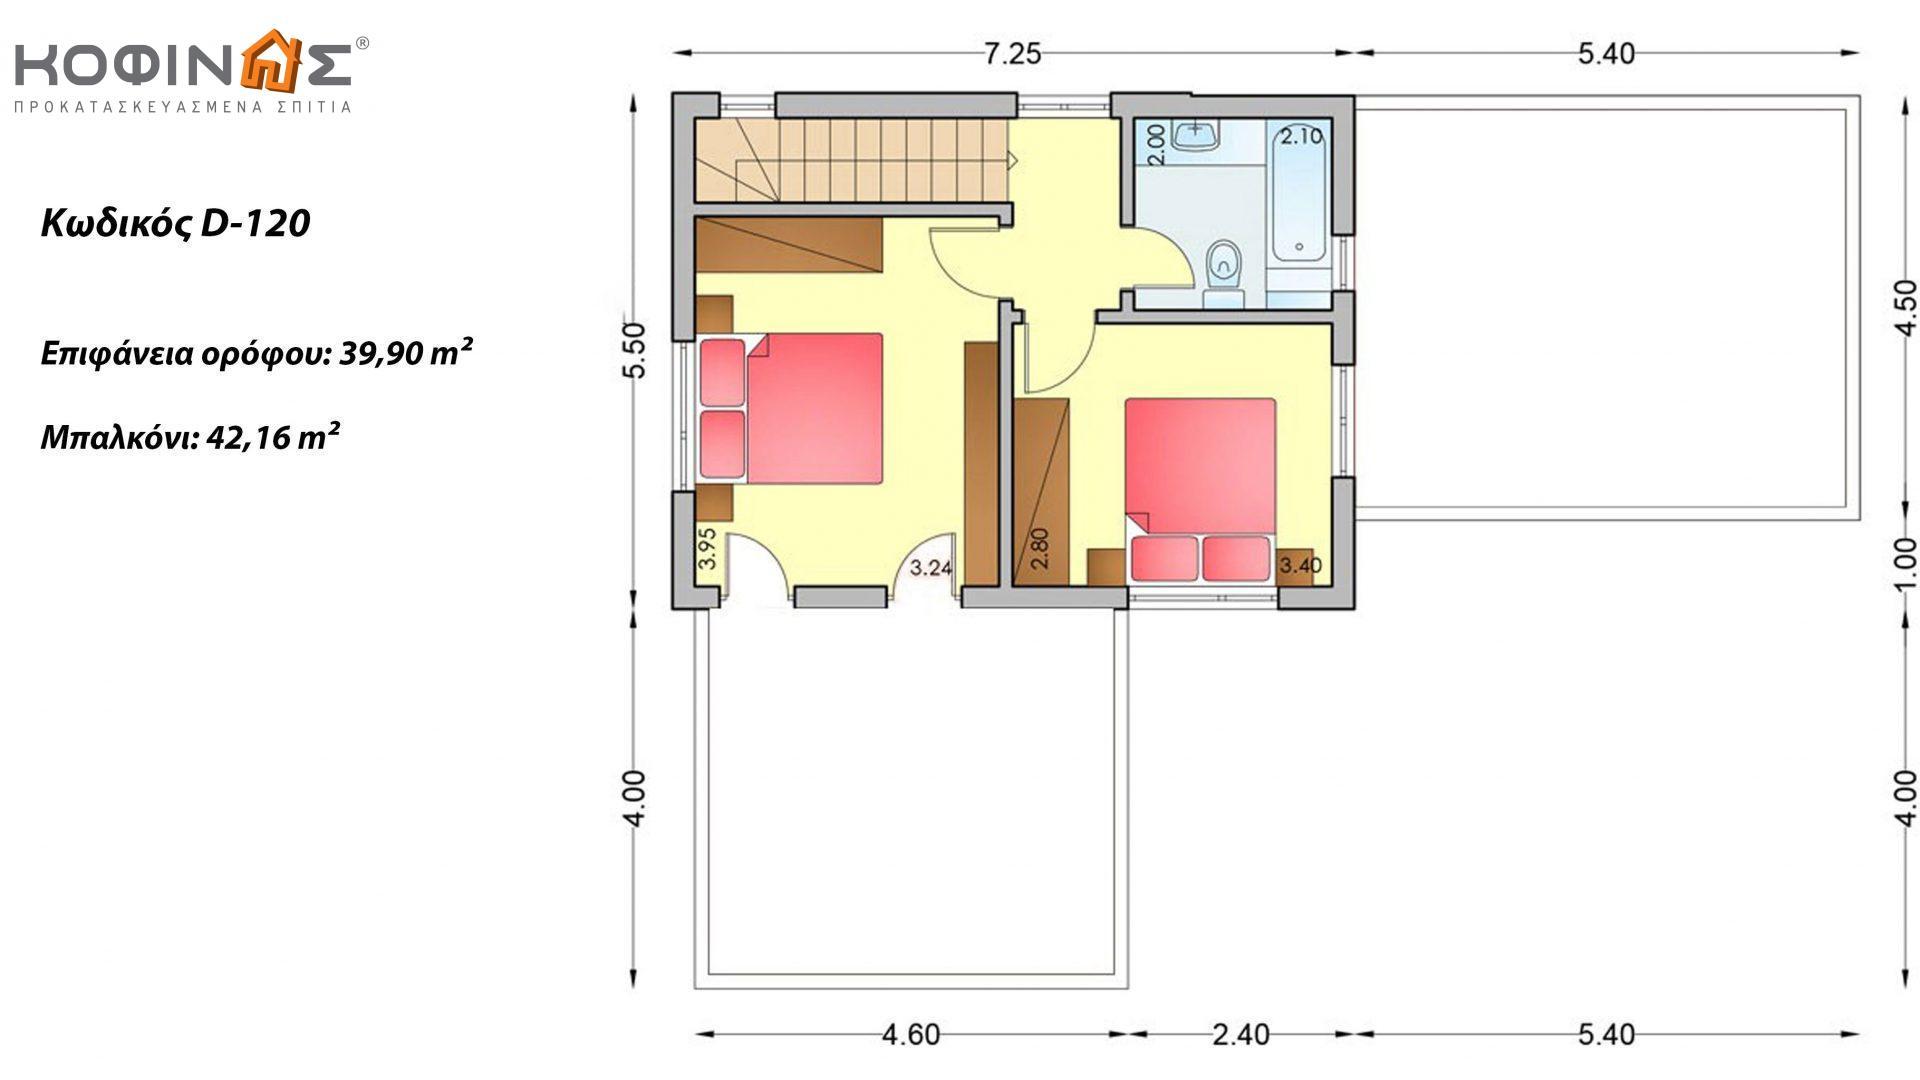 Διώροφη Κατοικία D-120, συνολικής επιφάνειας 120,20 τ.μ. , συνολική επιφάνεια στεγασμένων χώρων 18.00 τ.μ., μπαλκόνια 42.16 τ.μ.